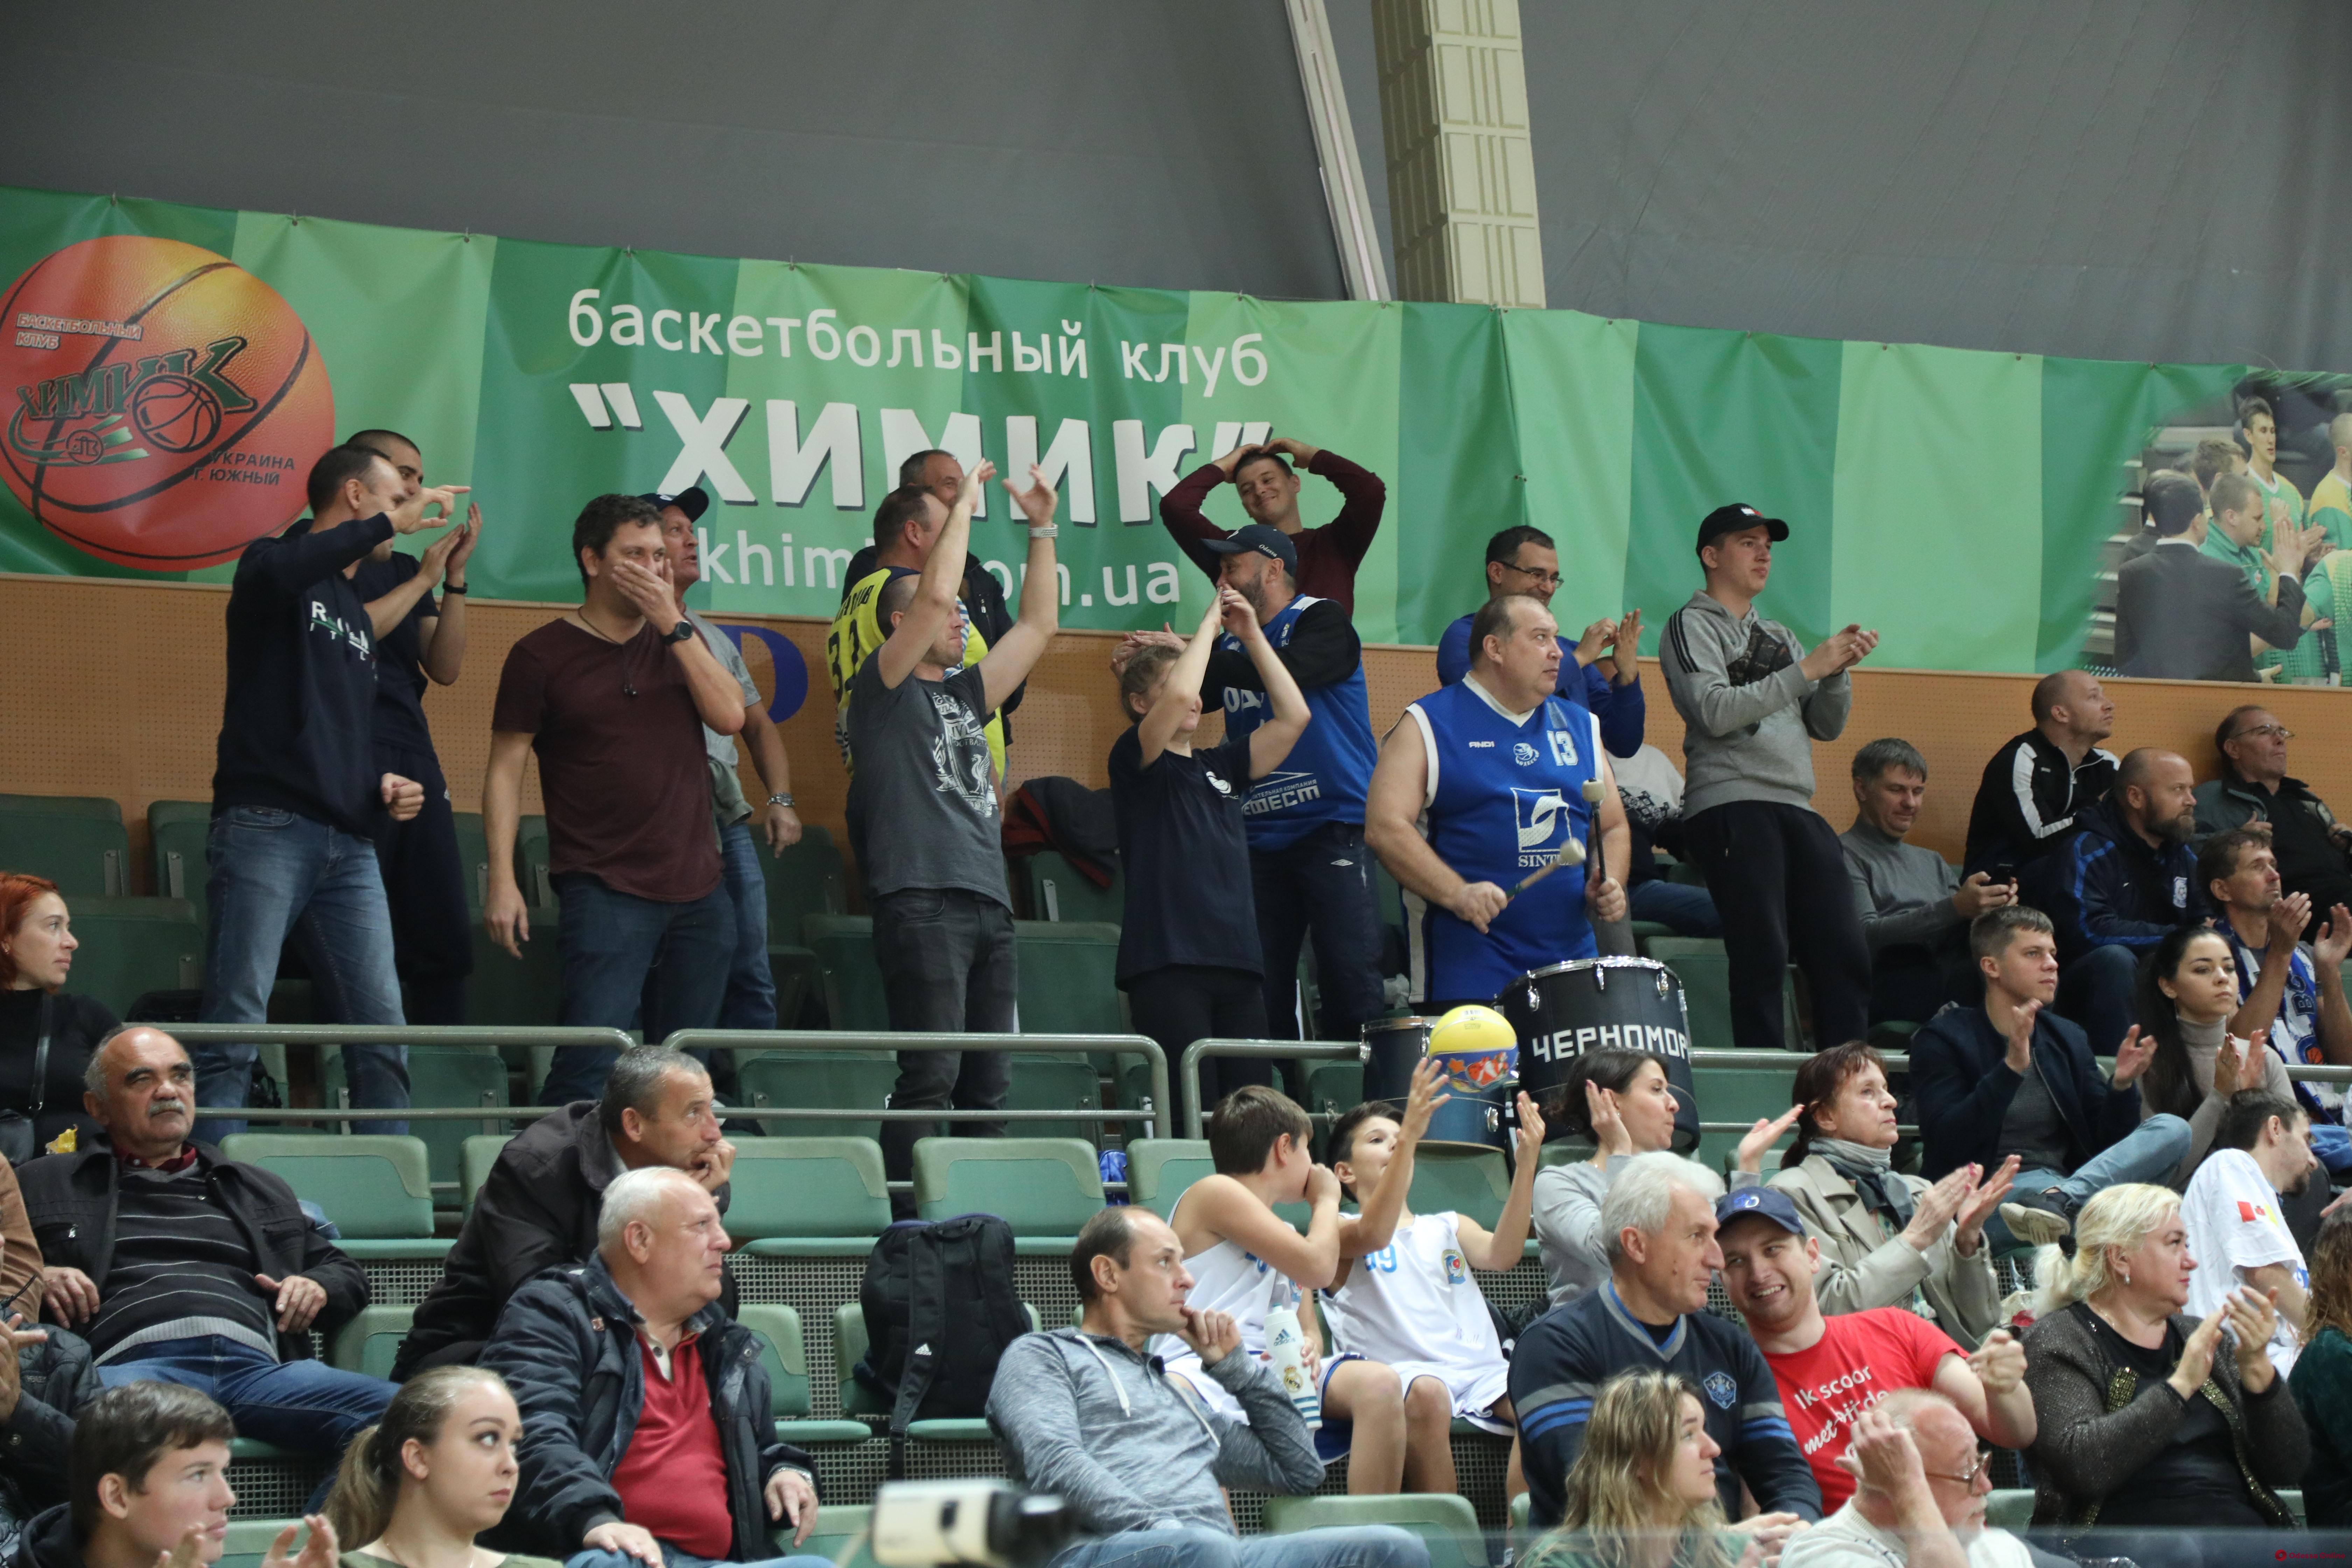 Баскетбол: южненский «Химик» обыграл БК «Одесса» в стартовом матче Суперлиги